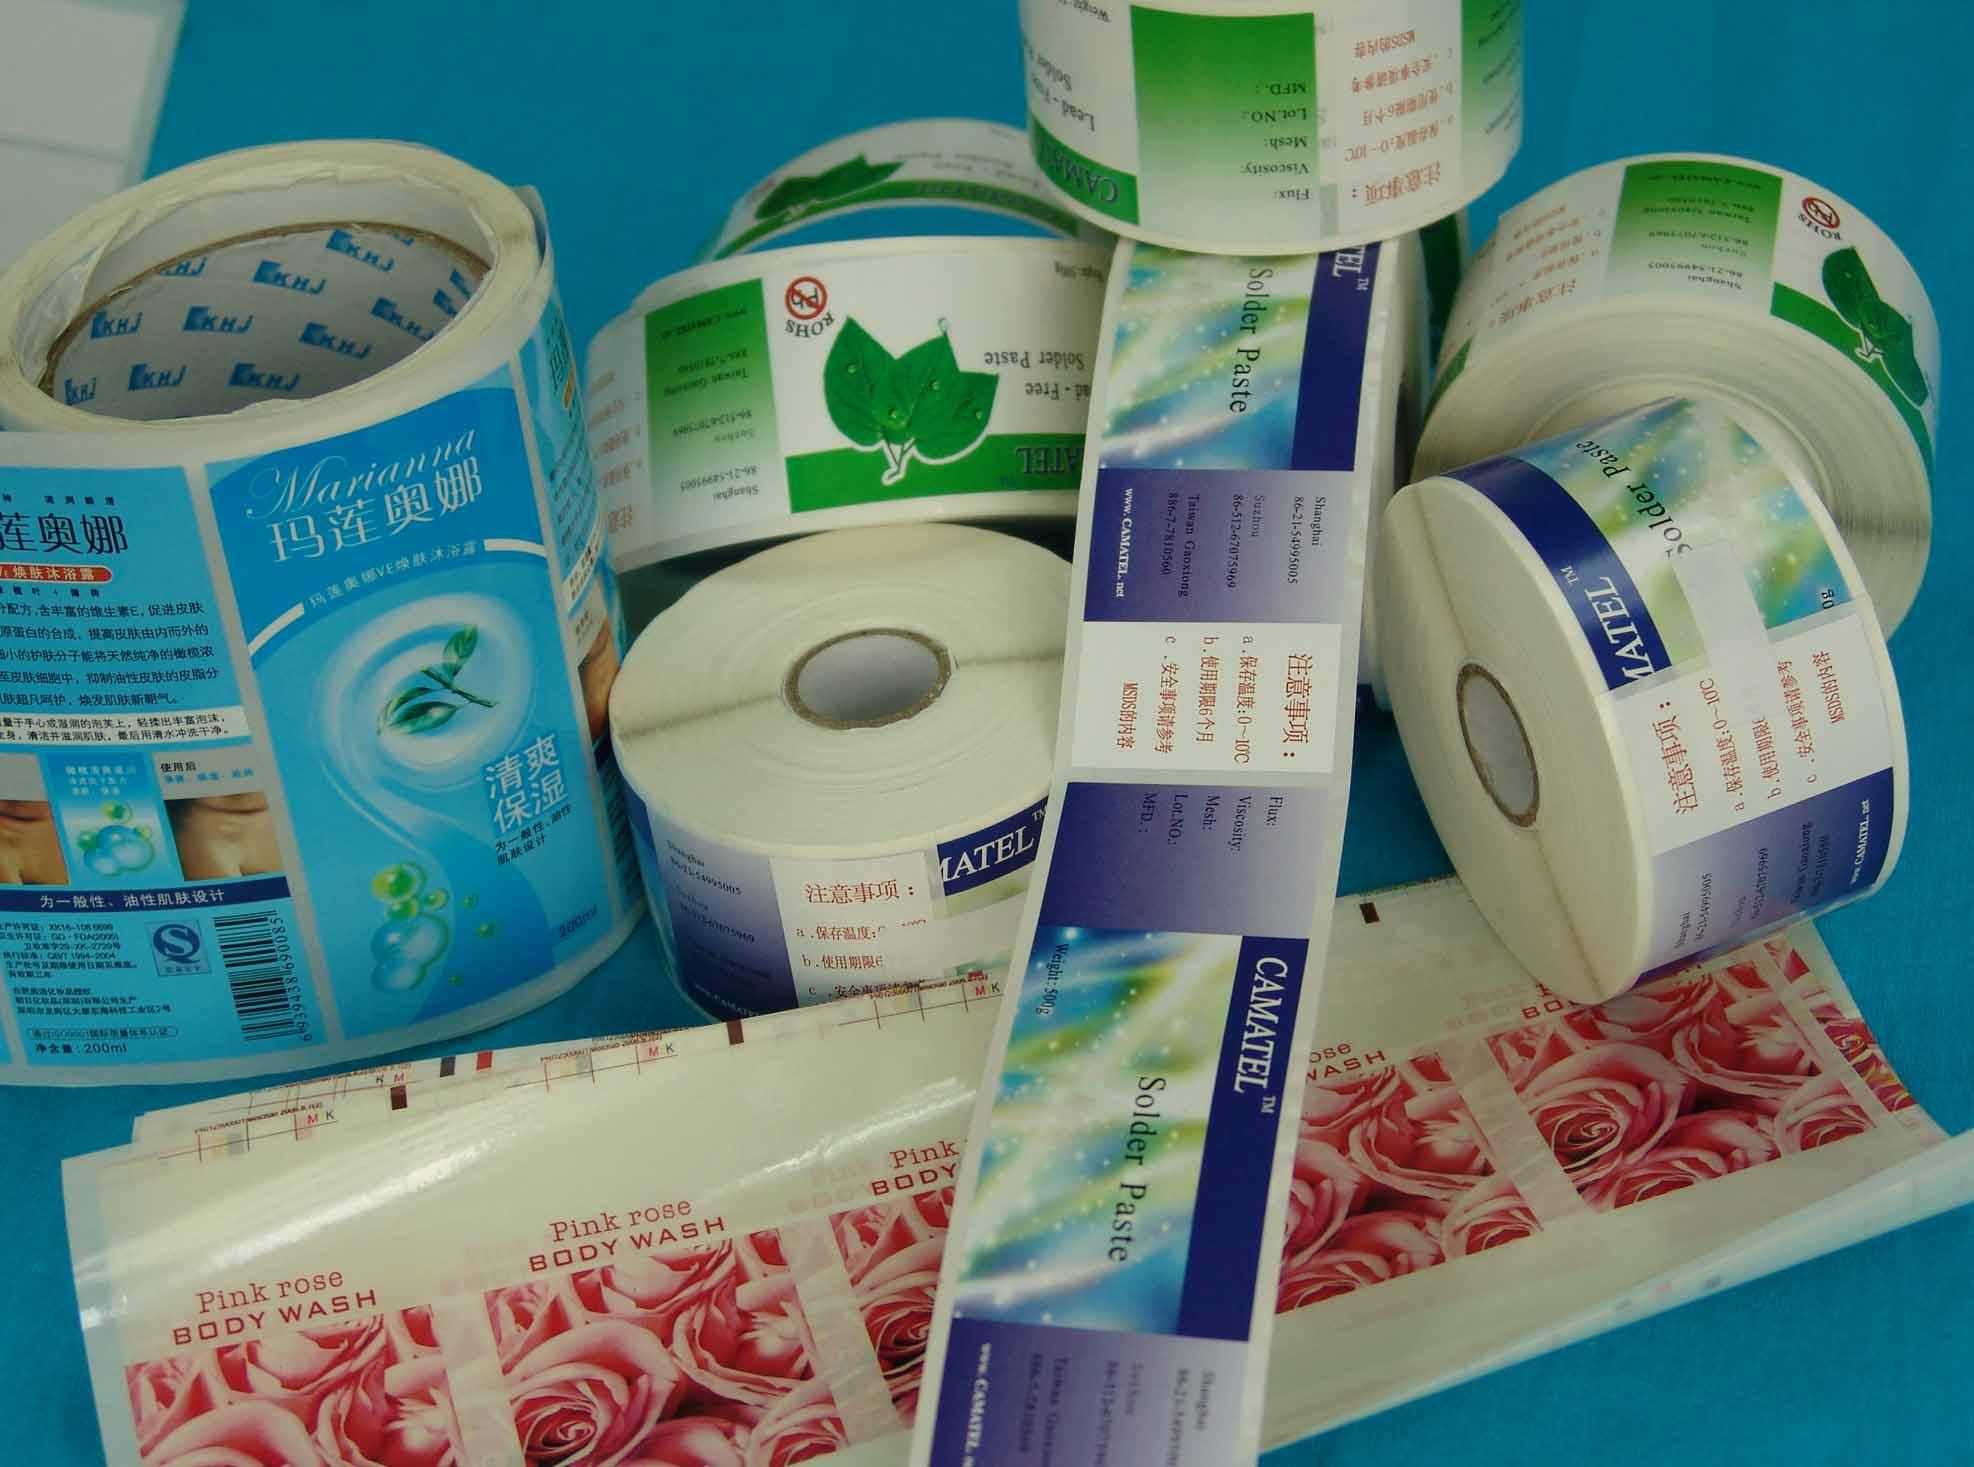 青岛不干胶标签供应--多年经营,品质一流